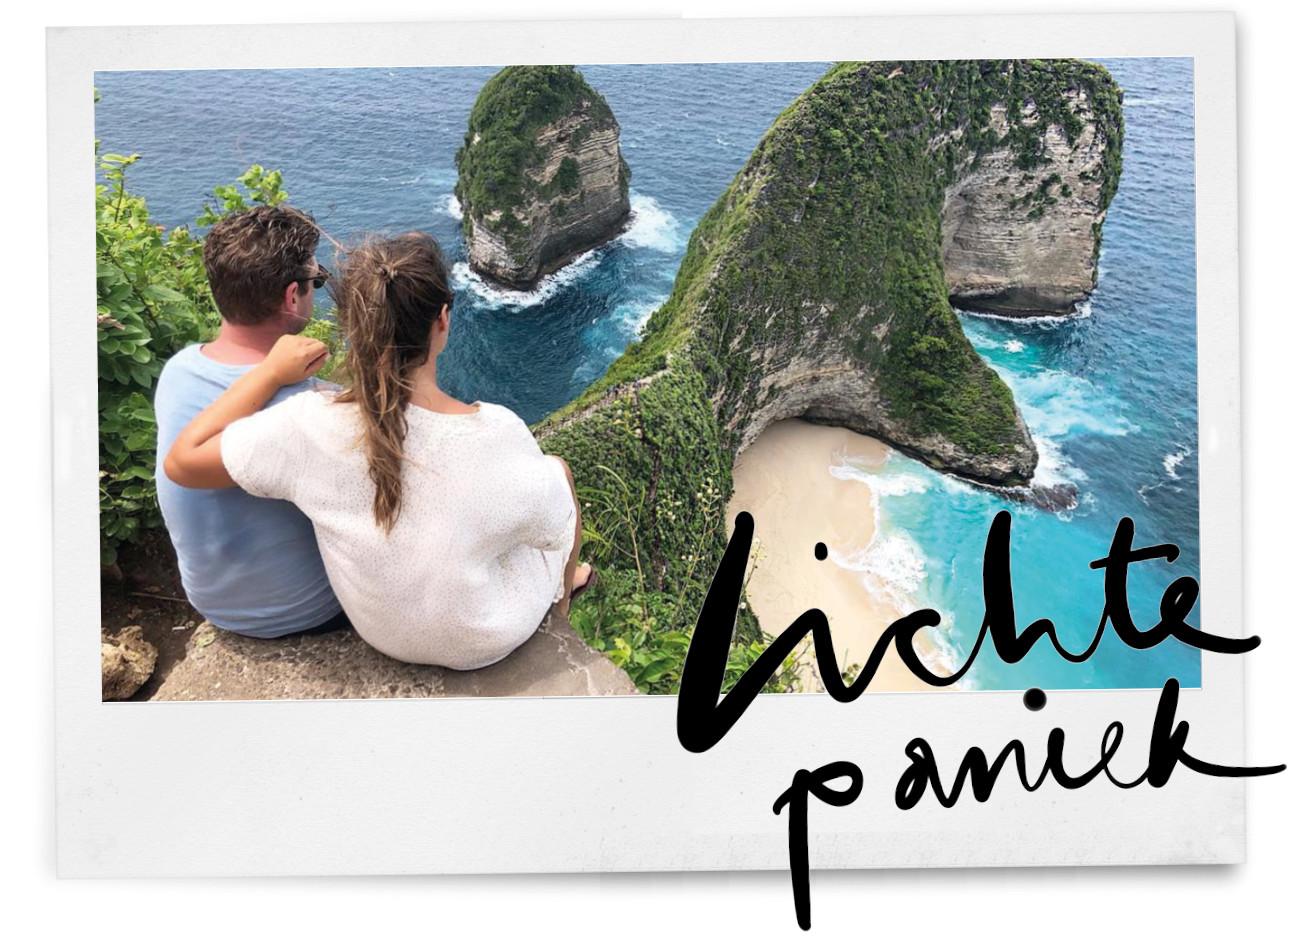 Kiki duren en vriend op een rots kijkend naar de zee in Bali